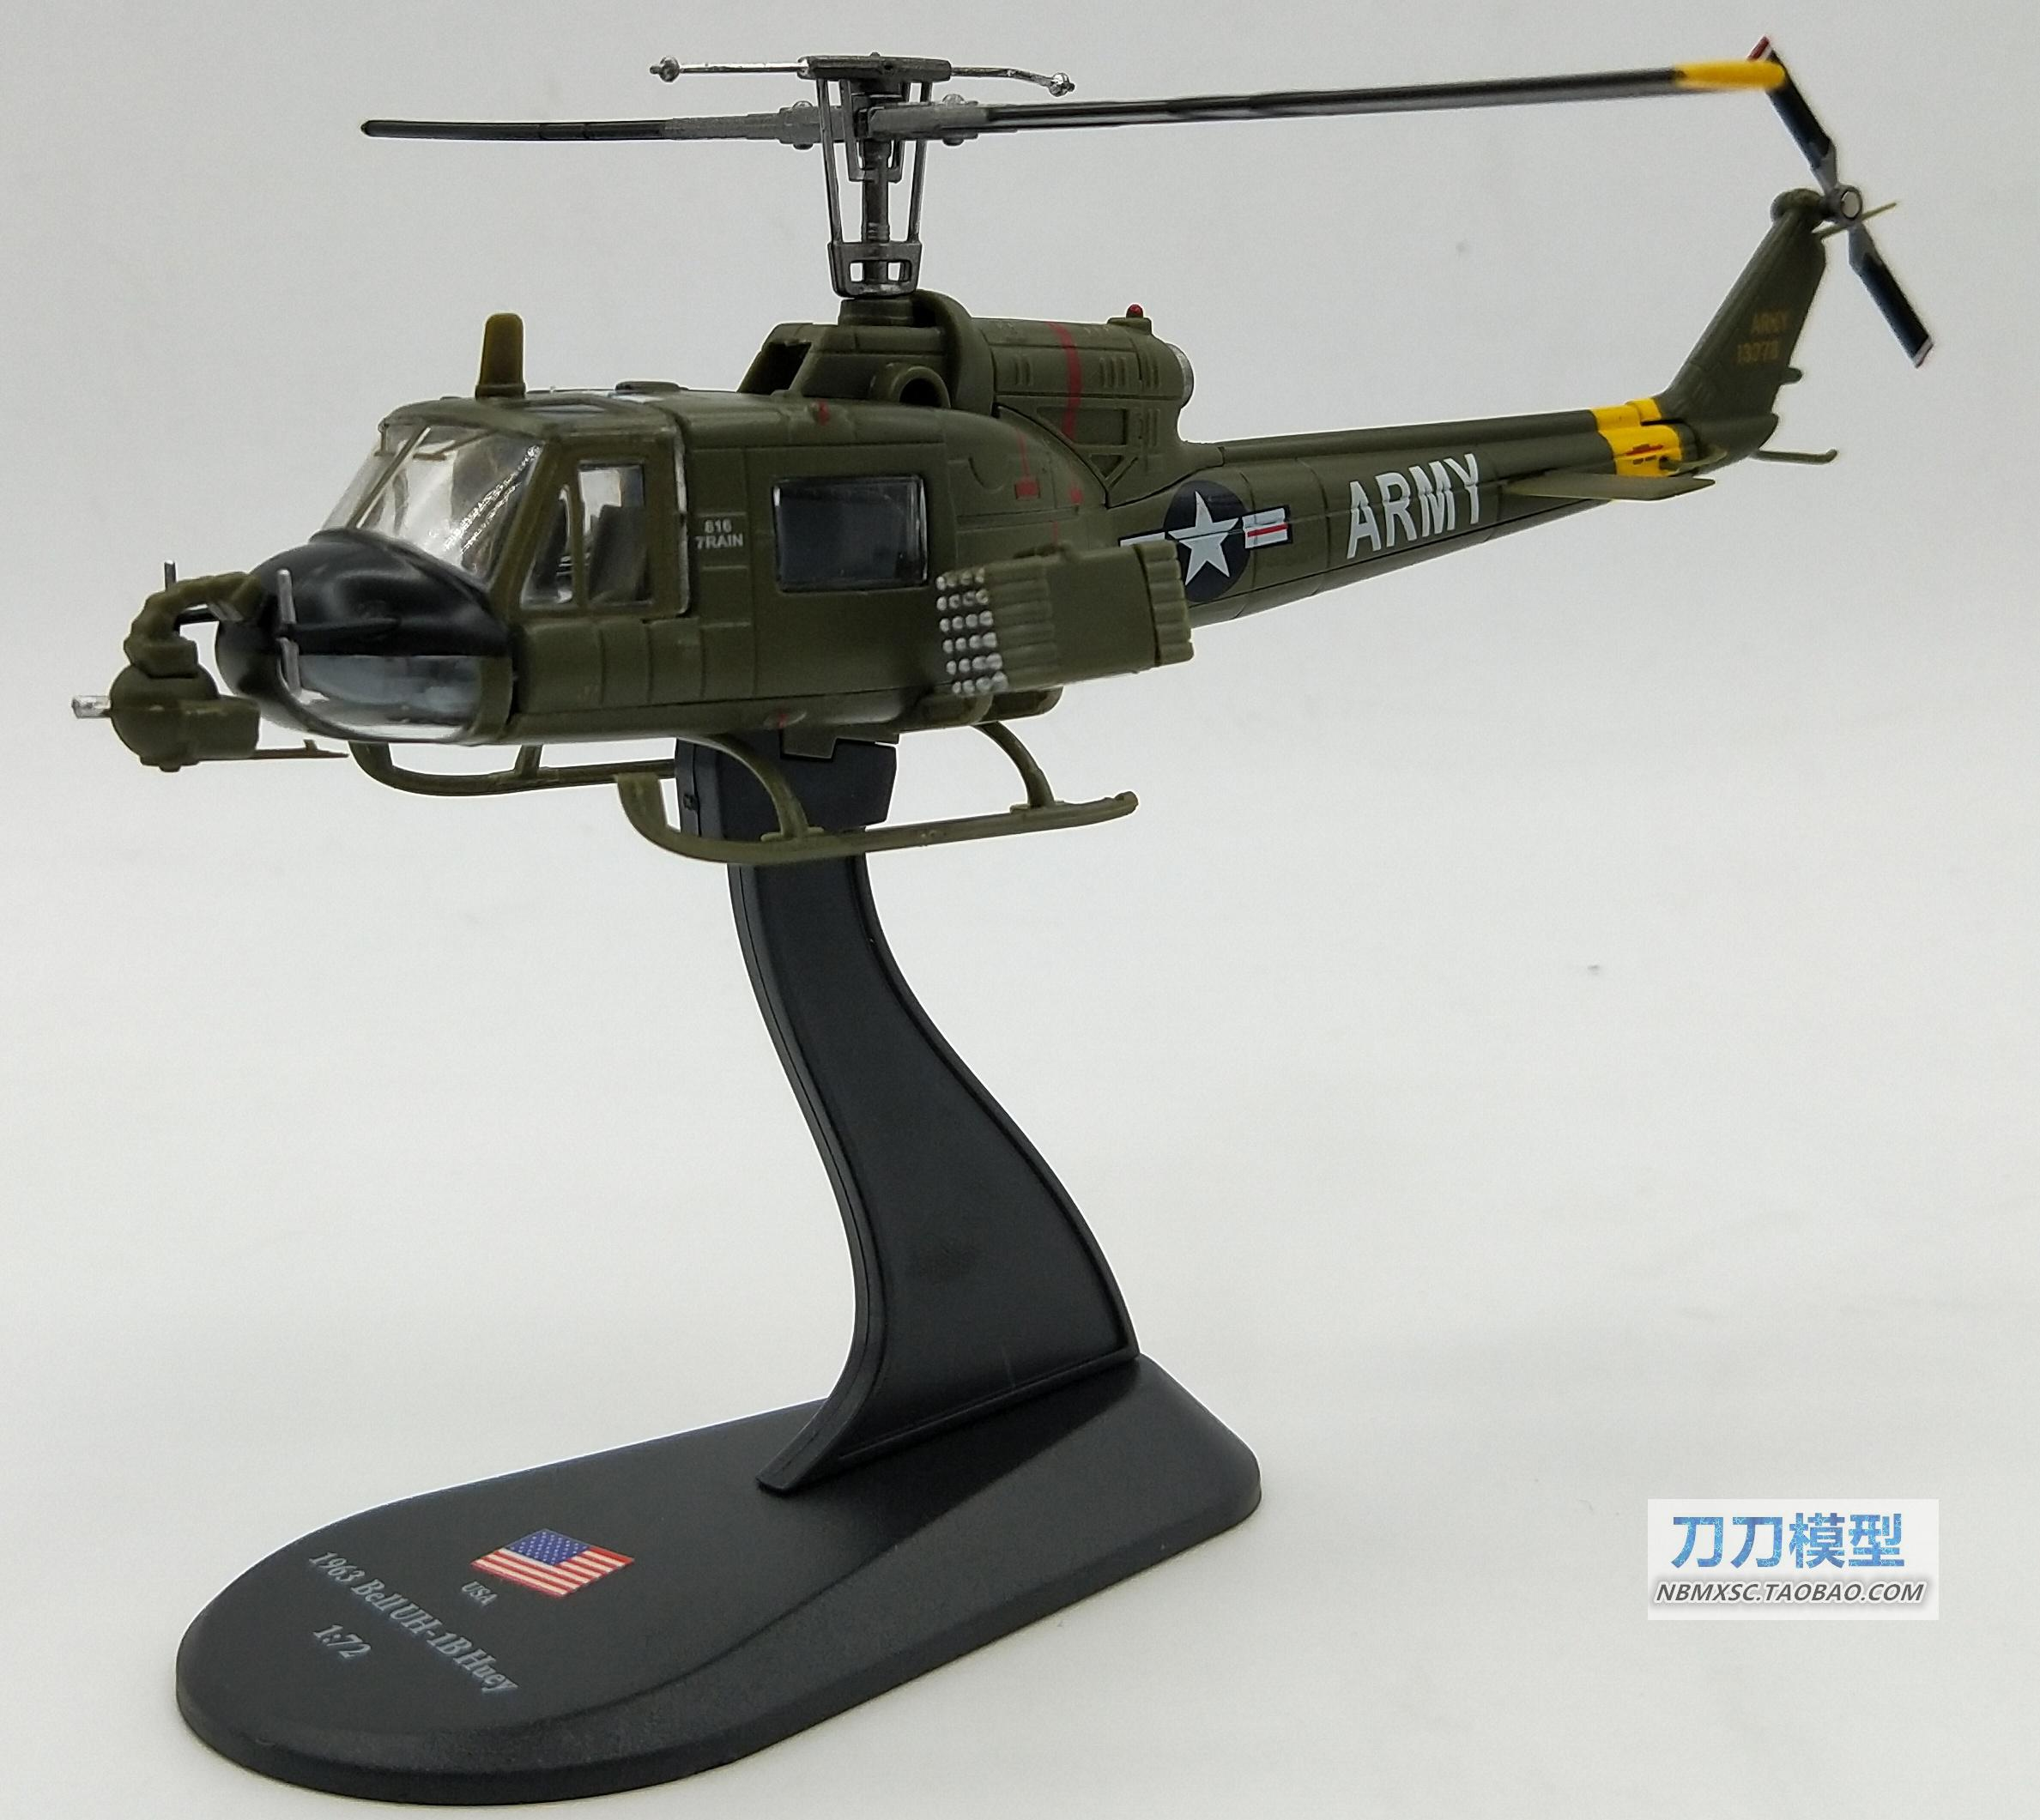 Амер 1/72 Весы Военная униформа модель Игрушечные лошадки США 1963 Bell UH-1B HUEY вертолет литье металла плоскости Модель игрушки для подарка/ коллек... ...